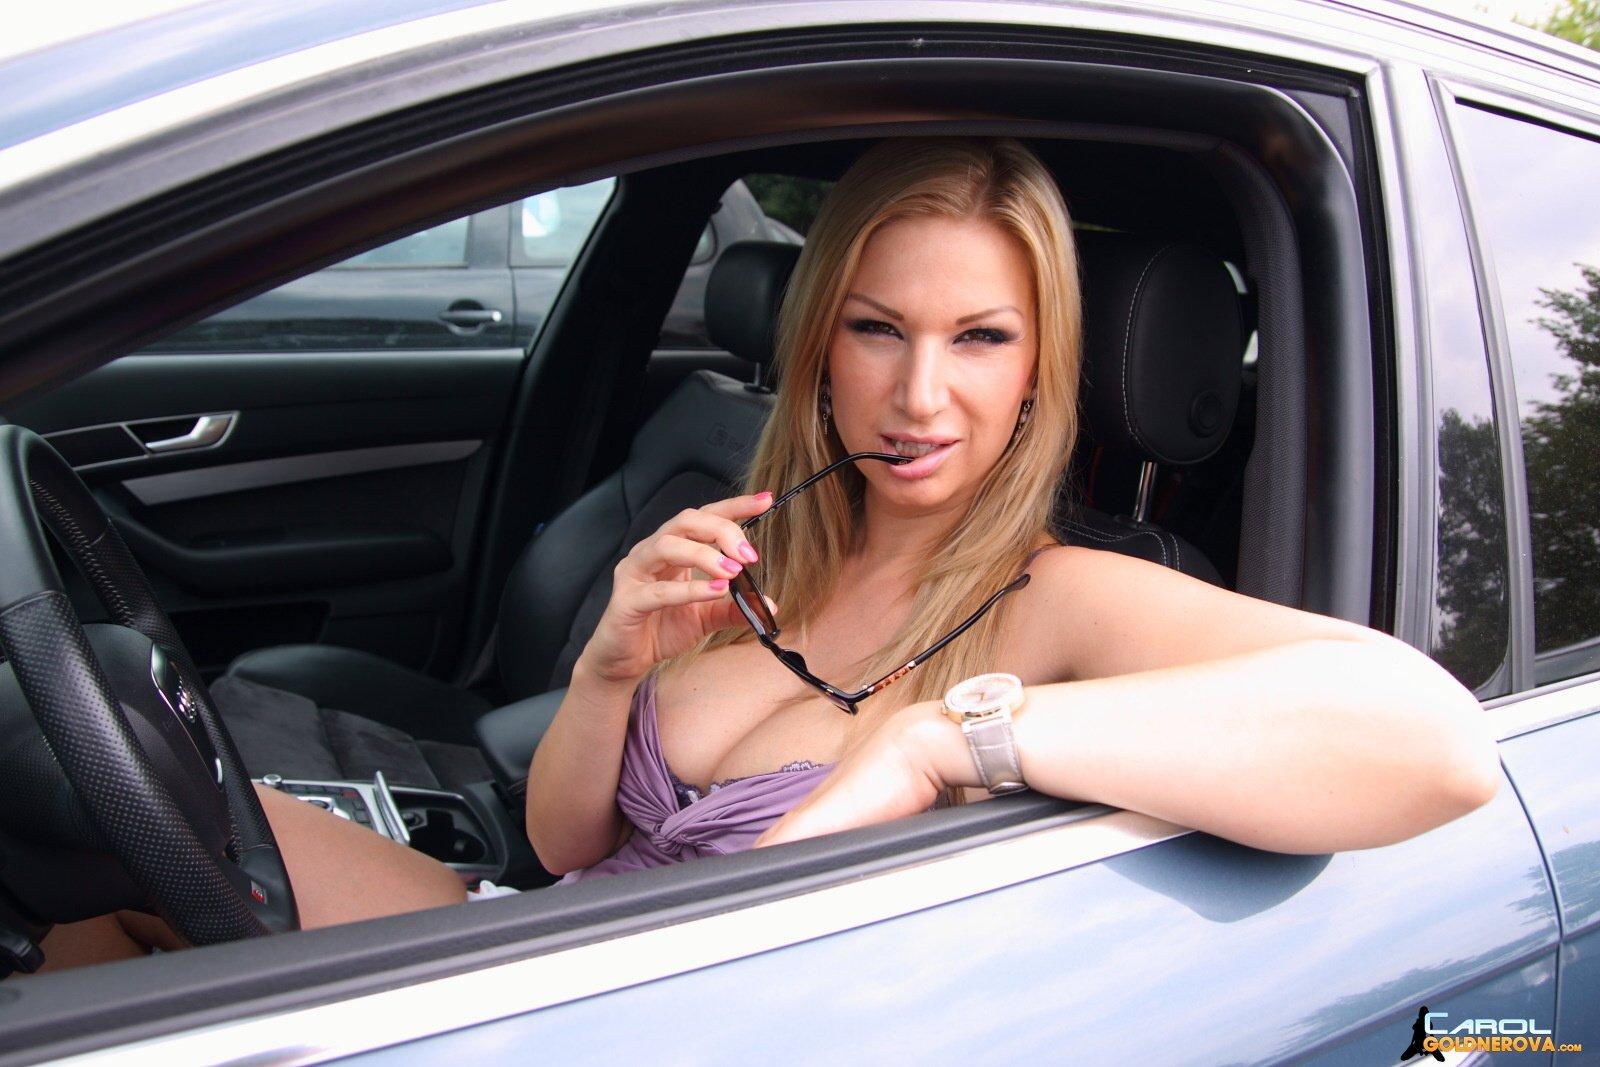 Фак такси секс, FakeTaxi - смотреть порно онлайн в HD 24 фотография